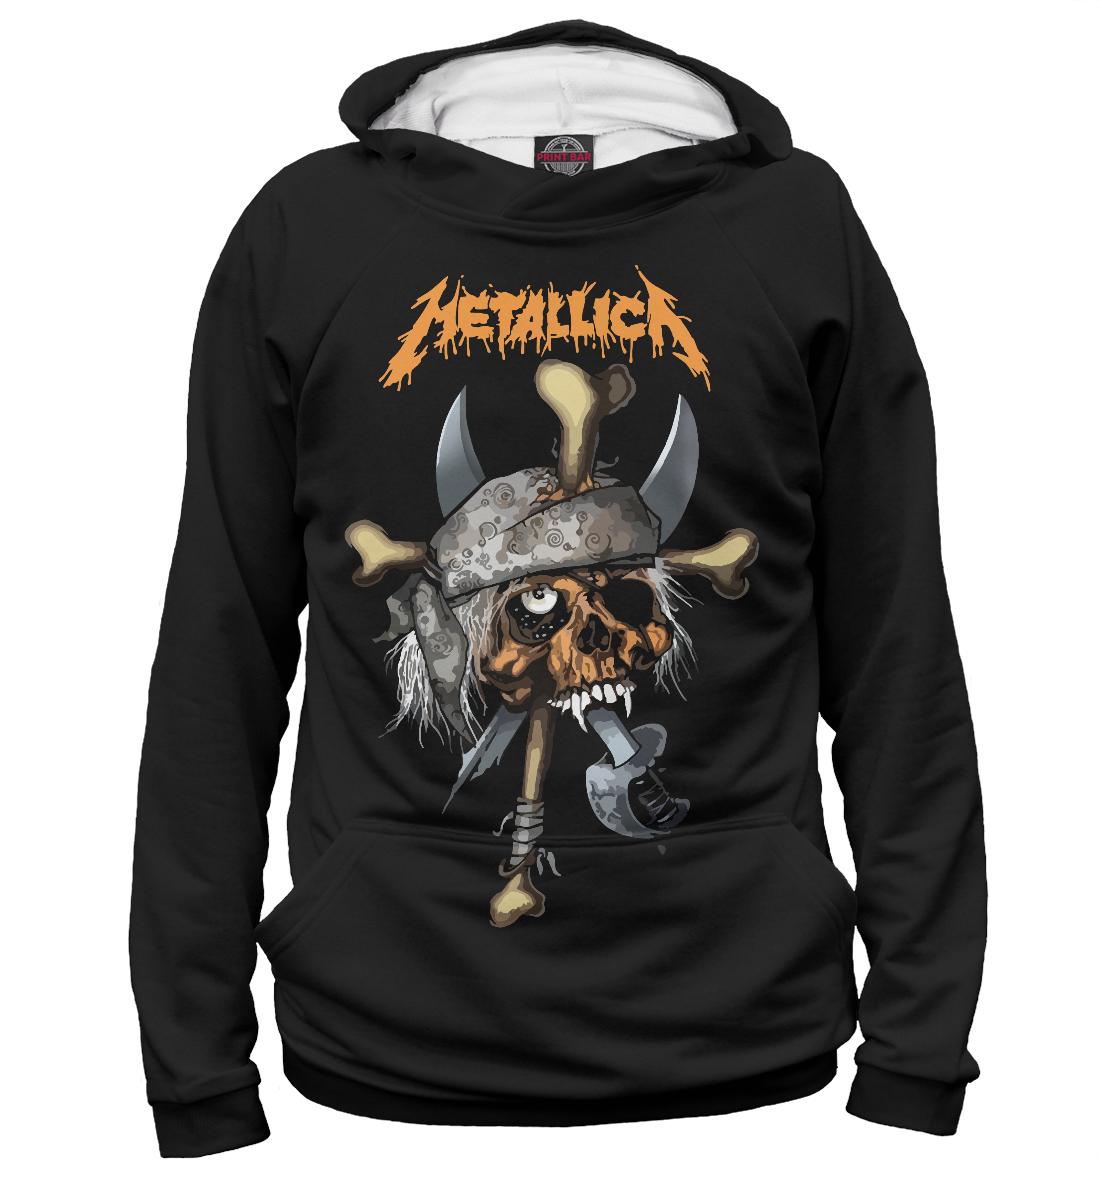 Купить Metallica, Printbar, Худи, MET-964632-hud-2